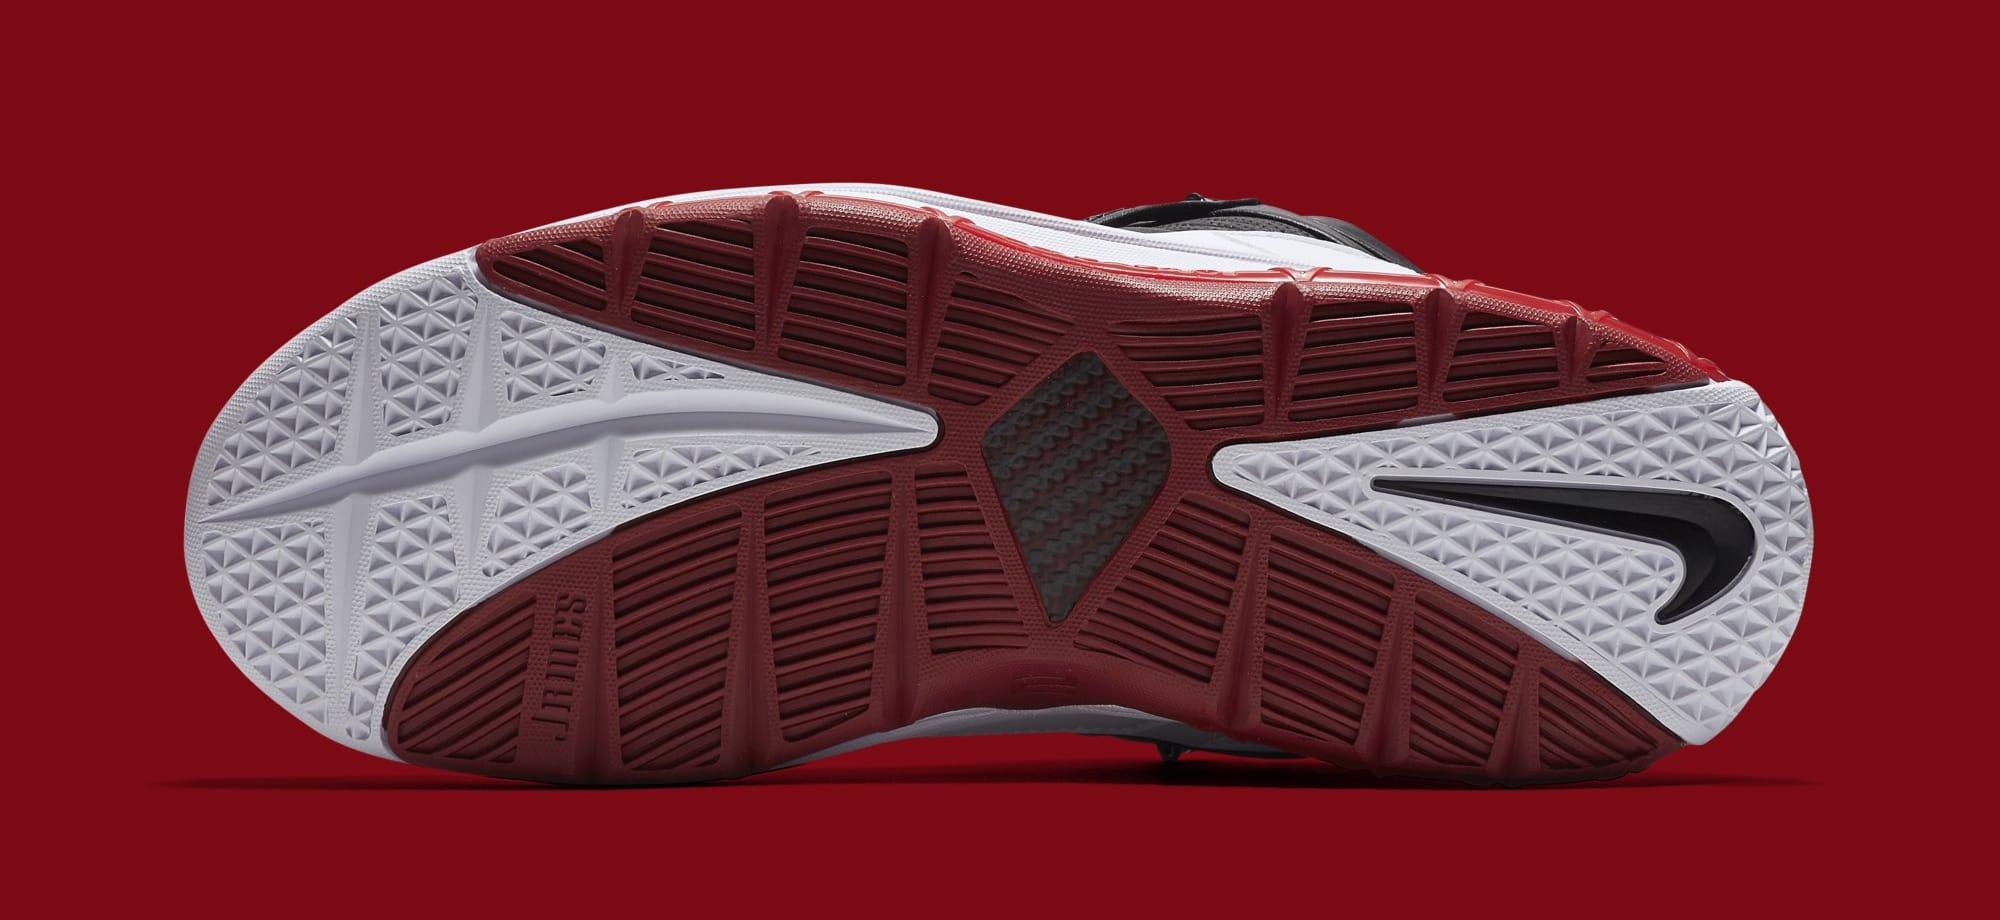 c5760017ccde2 Nike Zoom LeBron 3  Home  White Black-Varsity Crimson AO2434-101 ...